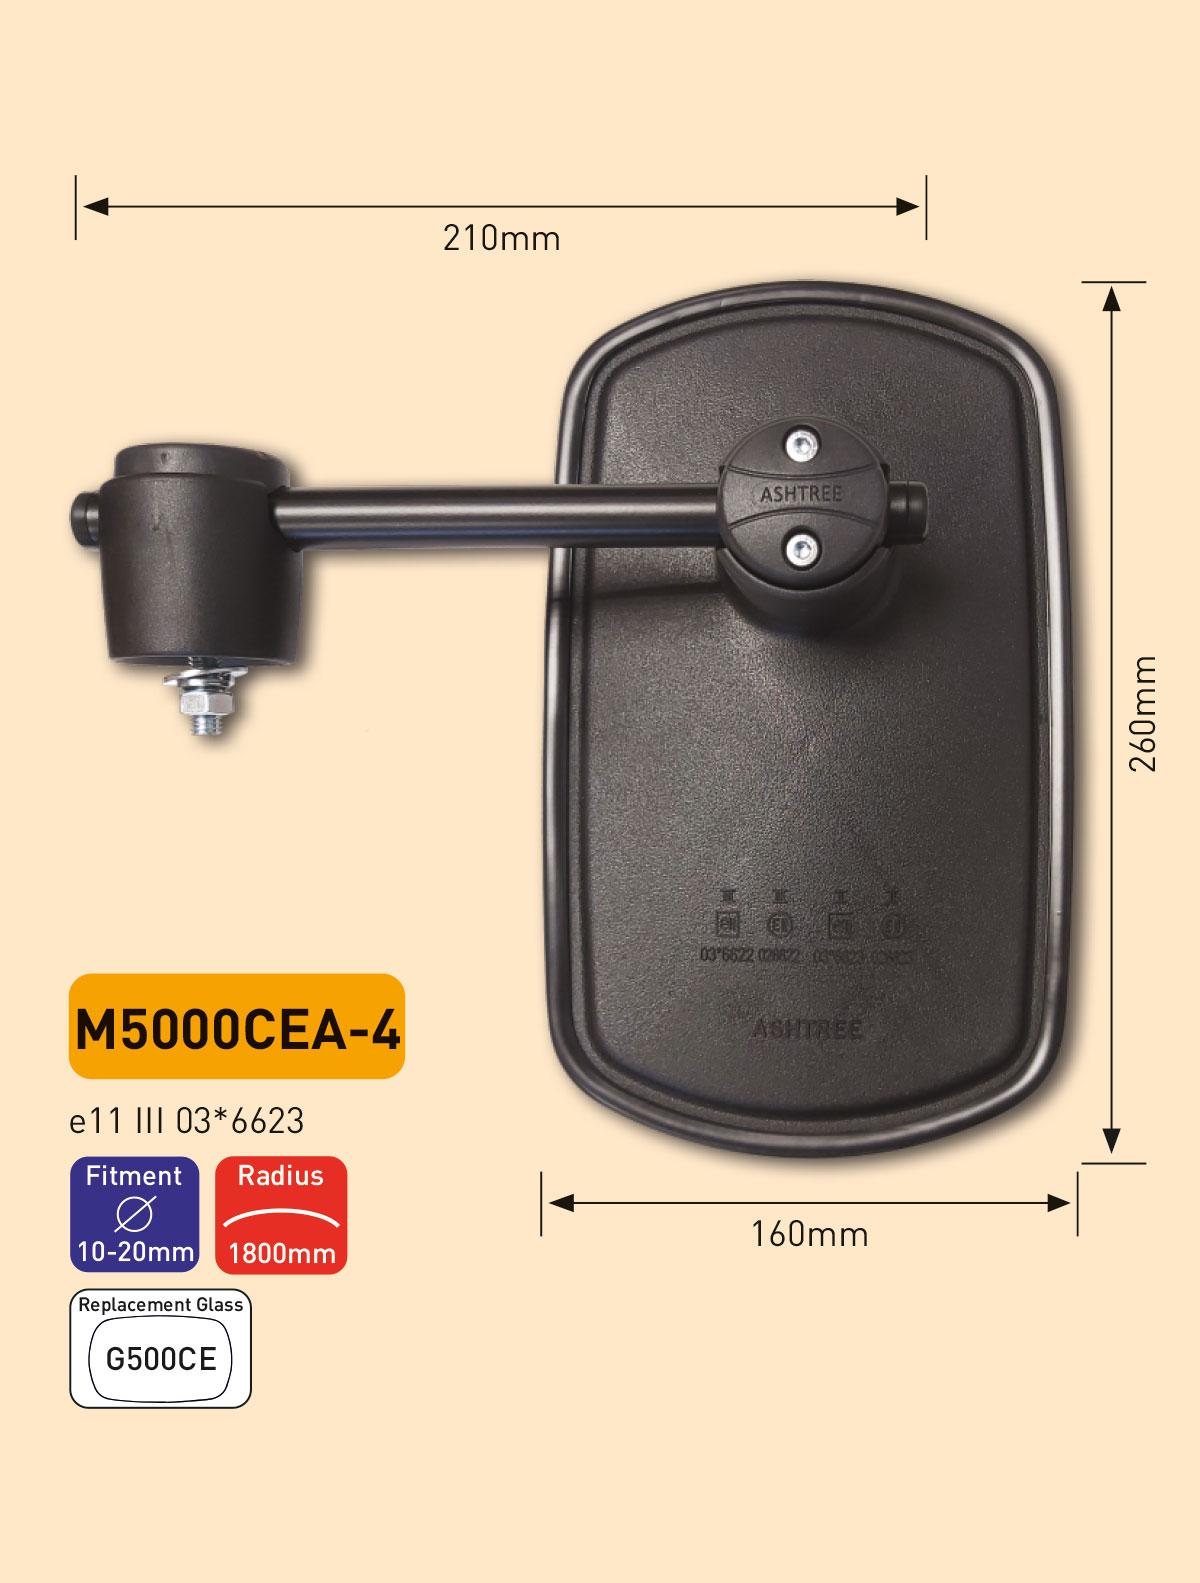 M5000CEA-4